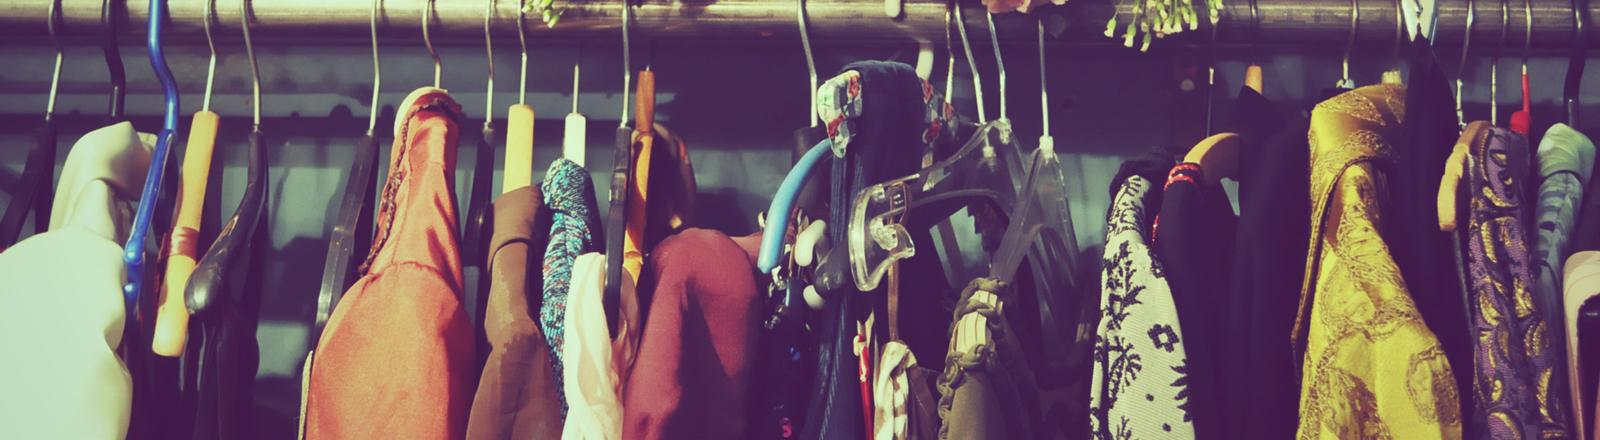 Blick in einen Kleiderschrank